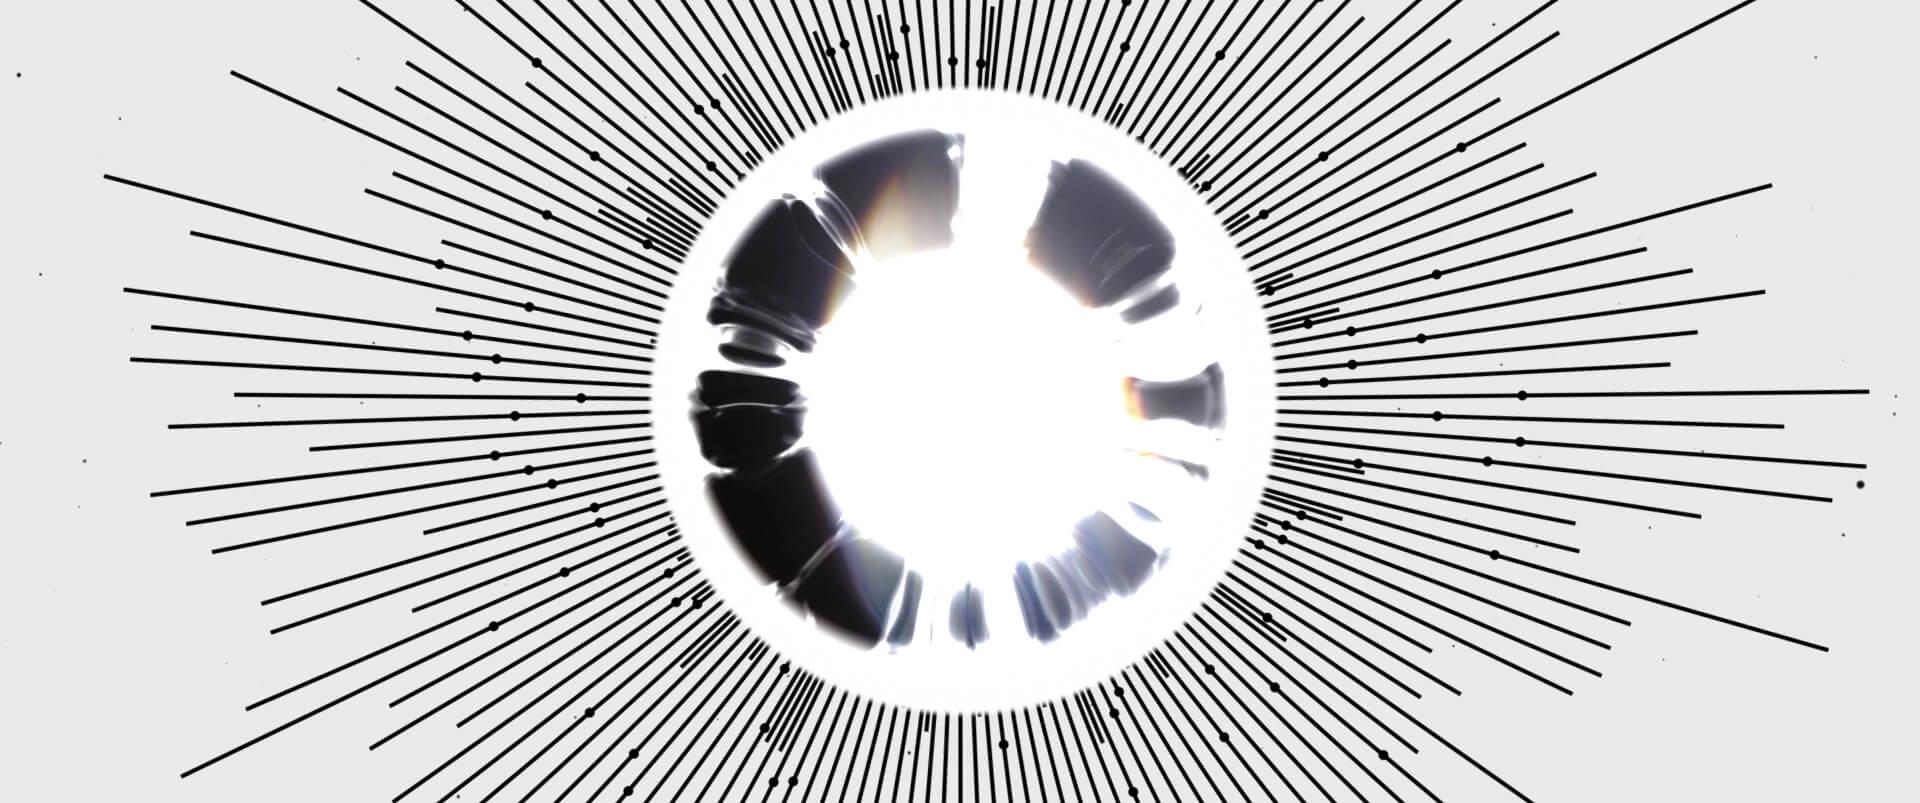 WhitePlanet01_v01b